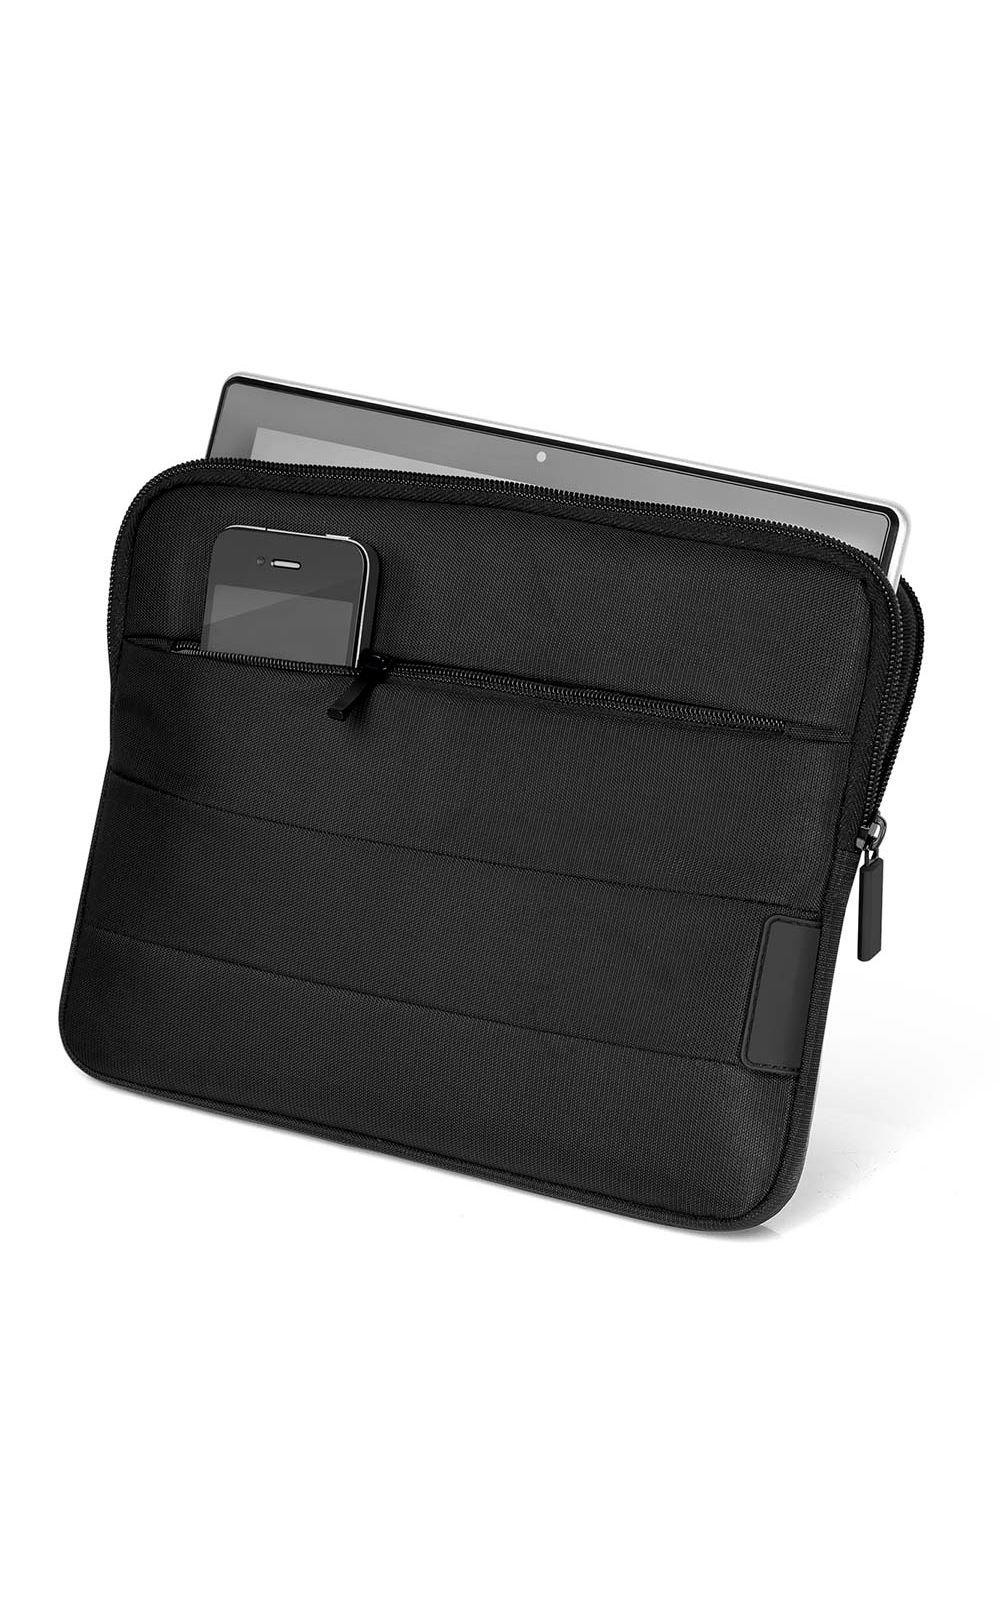 Foto 1 - Case Nylon Multilaser para Tablet e Netbook Dupla Camada Ate 10Pol - BO302